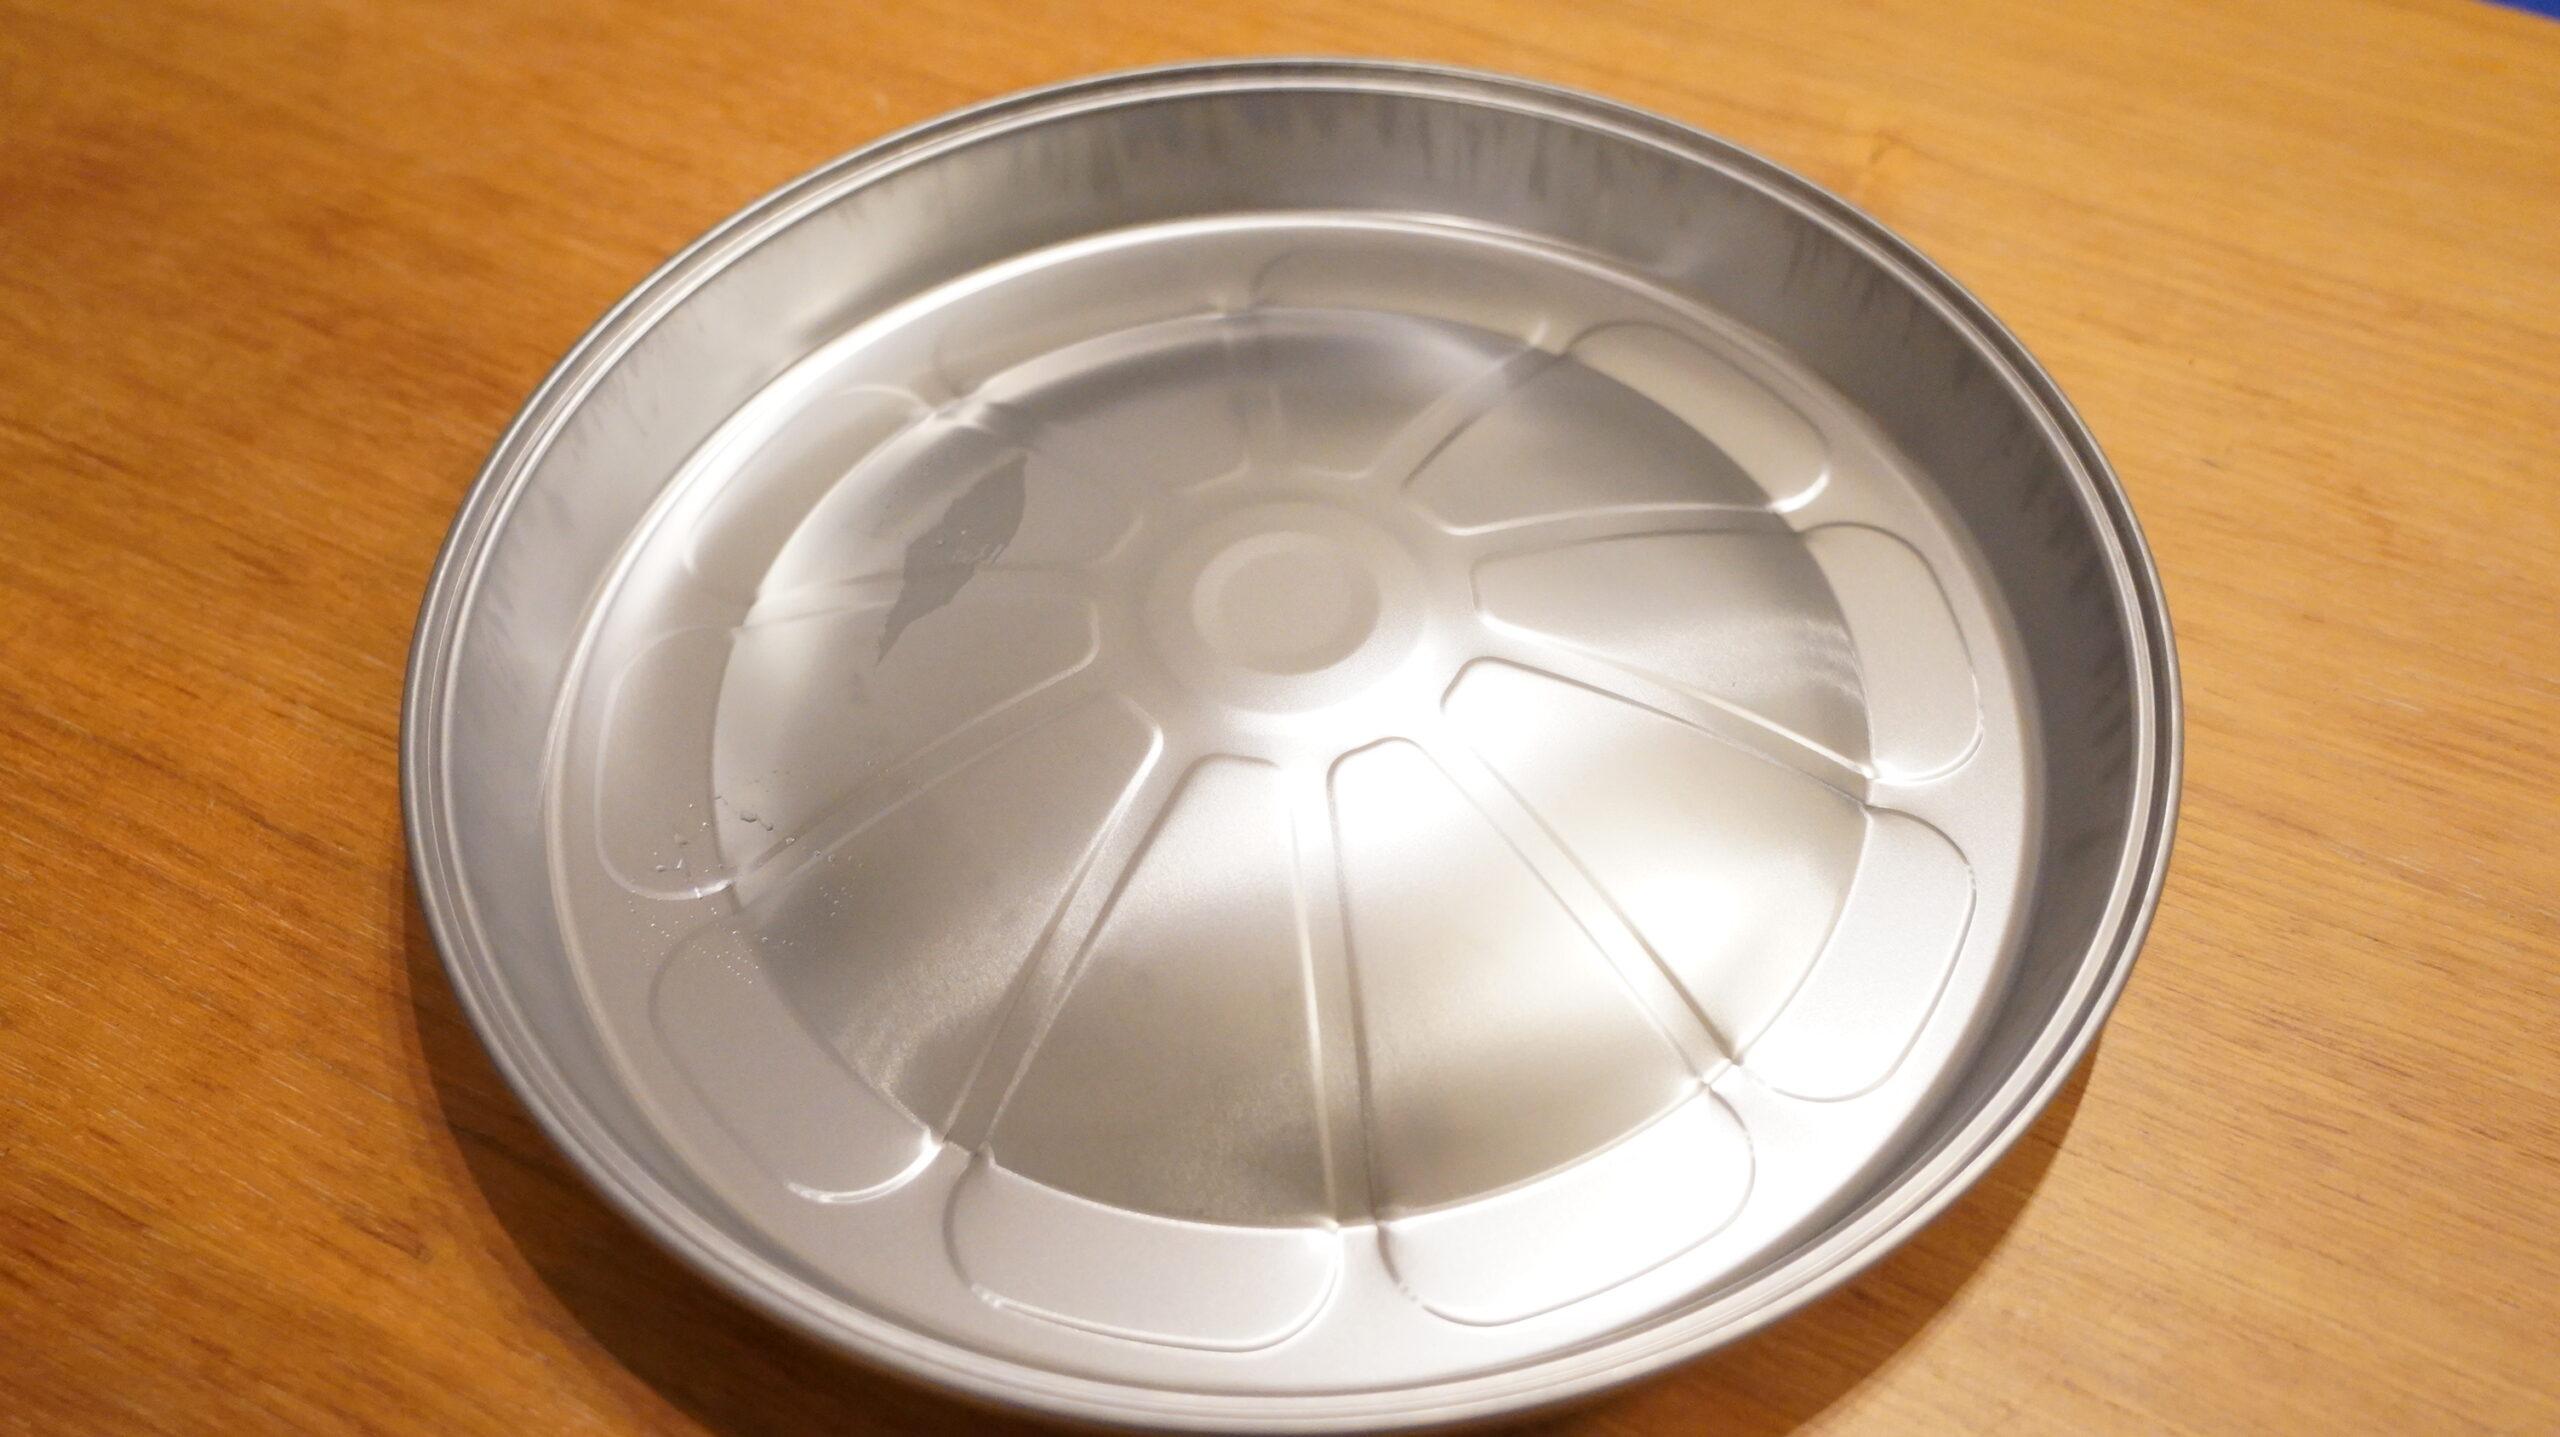 松尾ジンギスカンを通販でお取り寄せした「おためしセットA」に付属する鍋の写真